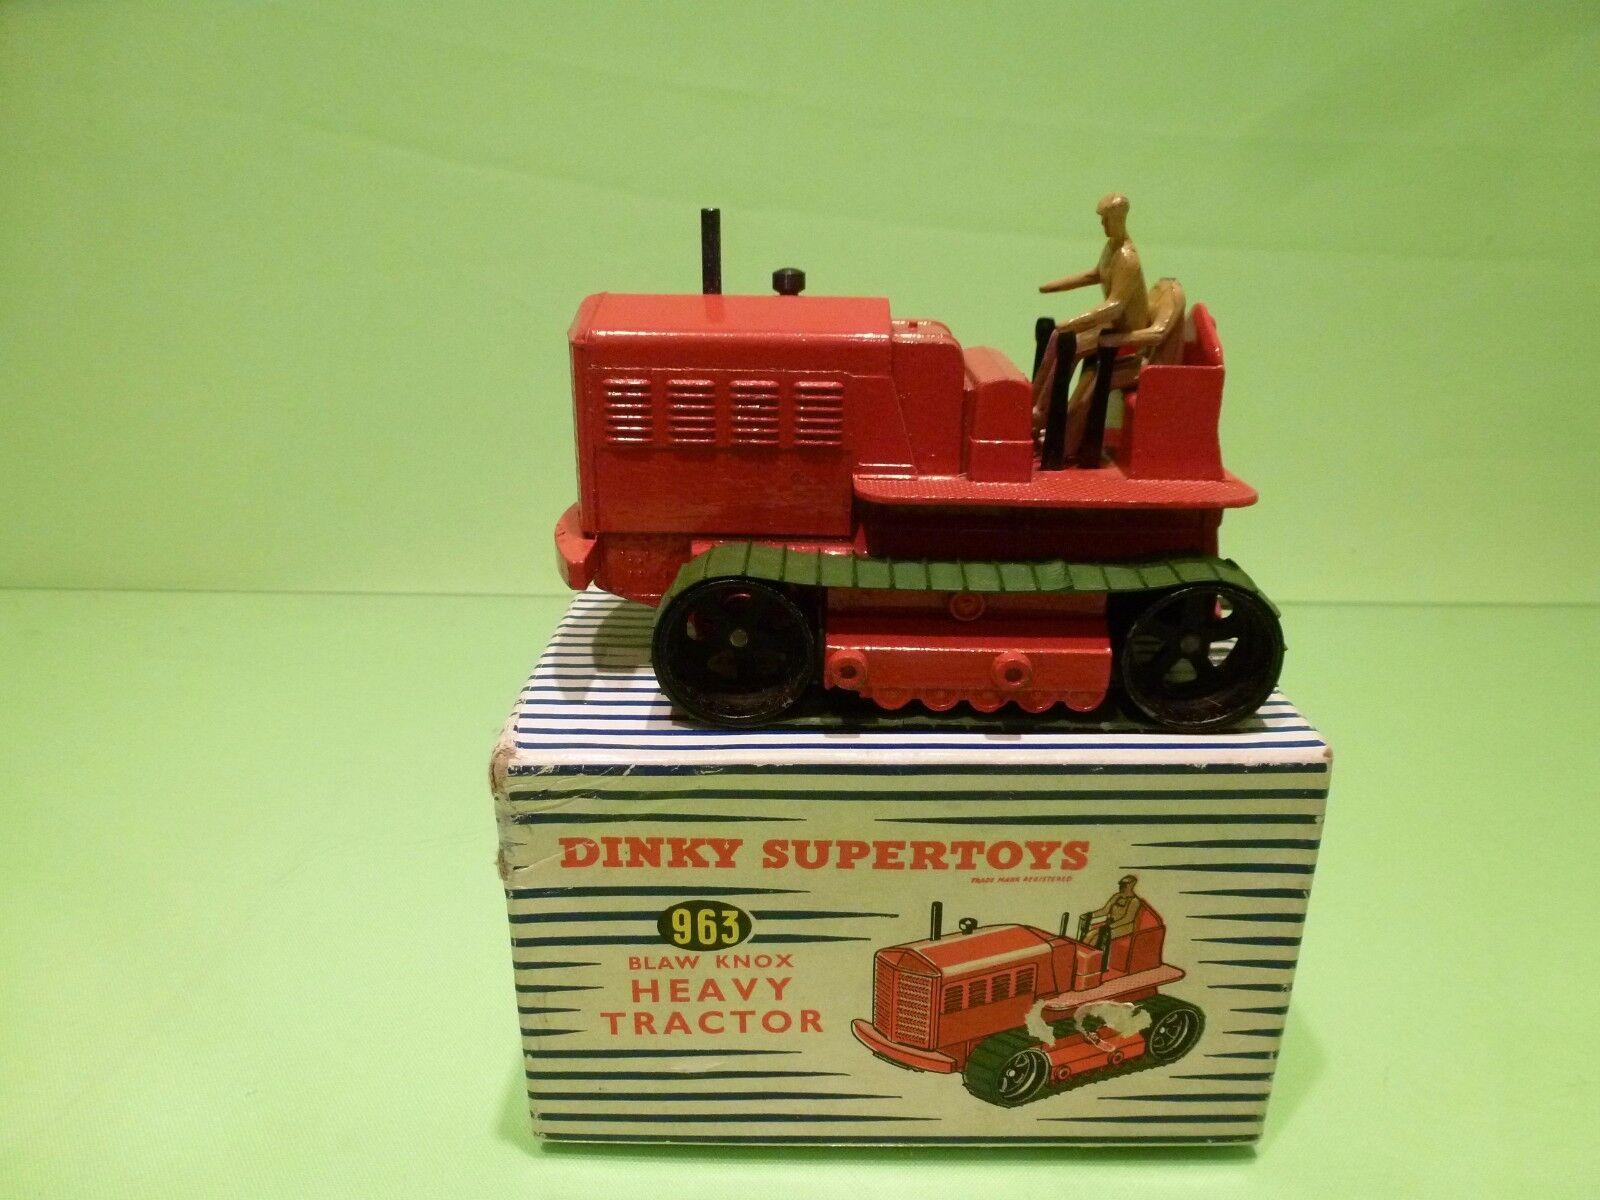 Dinky Dinky Dinky Juguetes 963 blaw Knox tractor pesado - - rojo - contenedor en perfecto estado. d5d